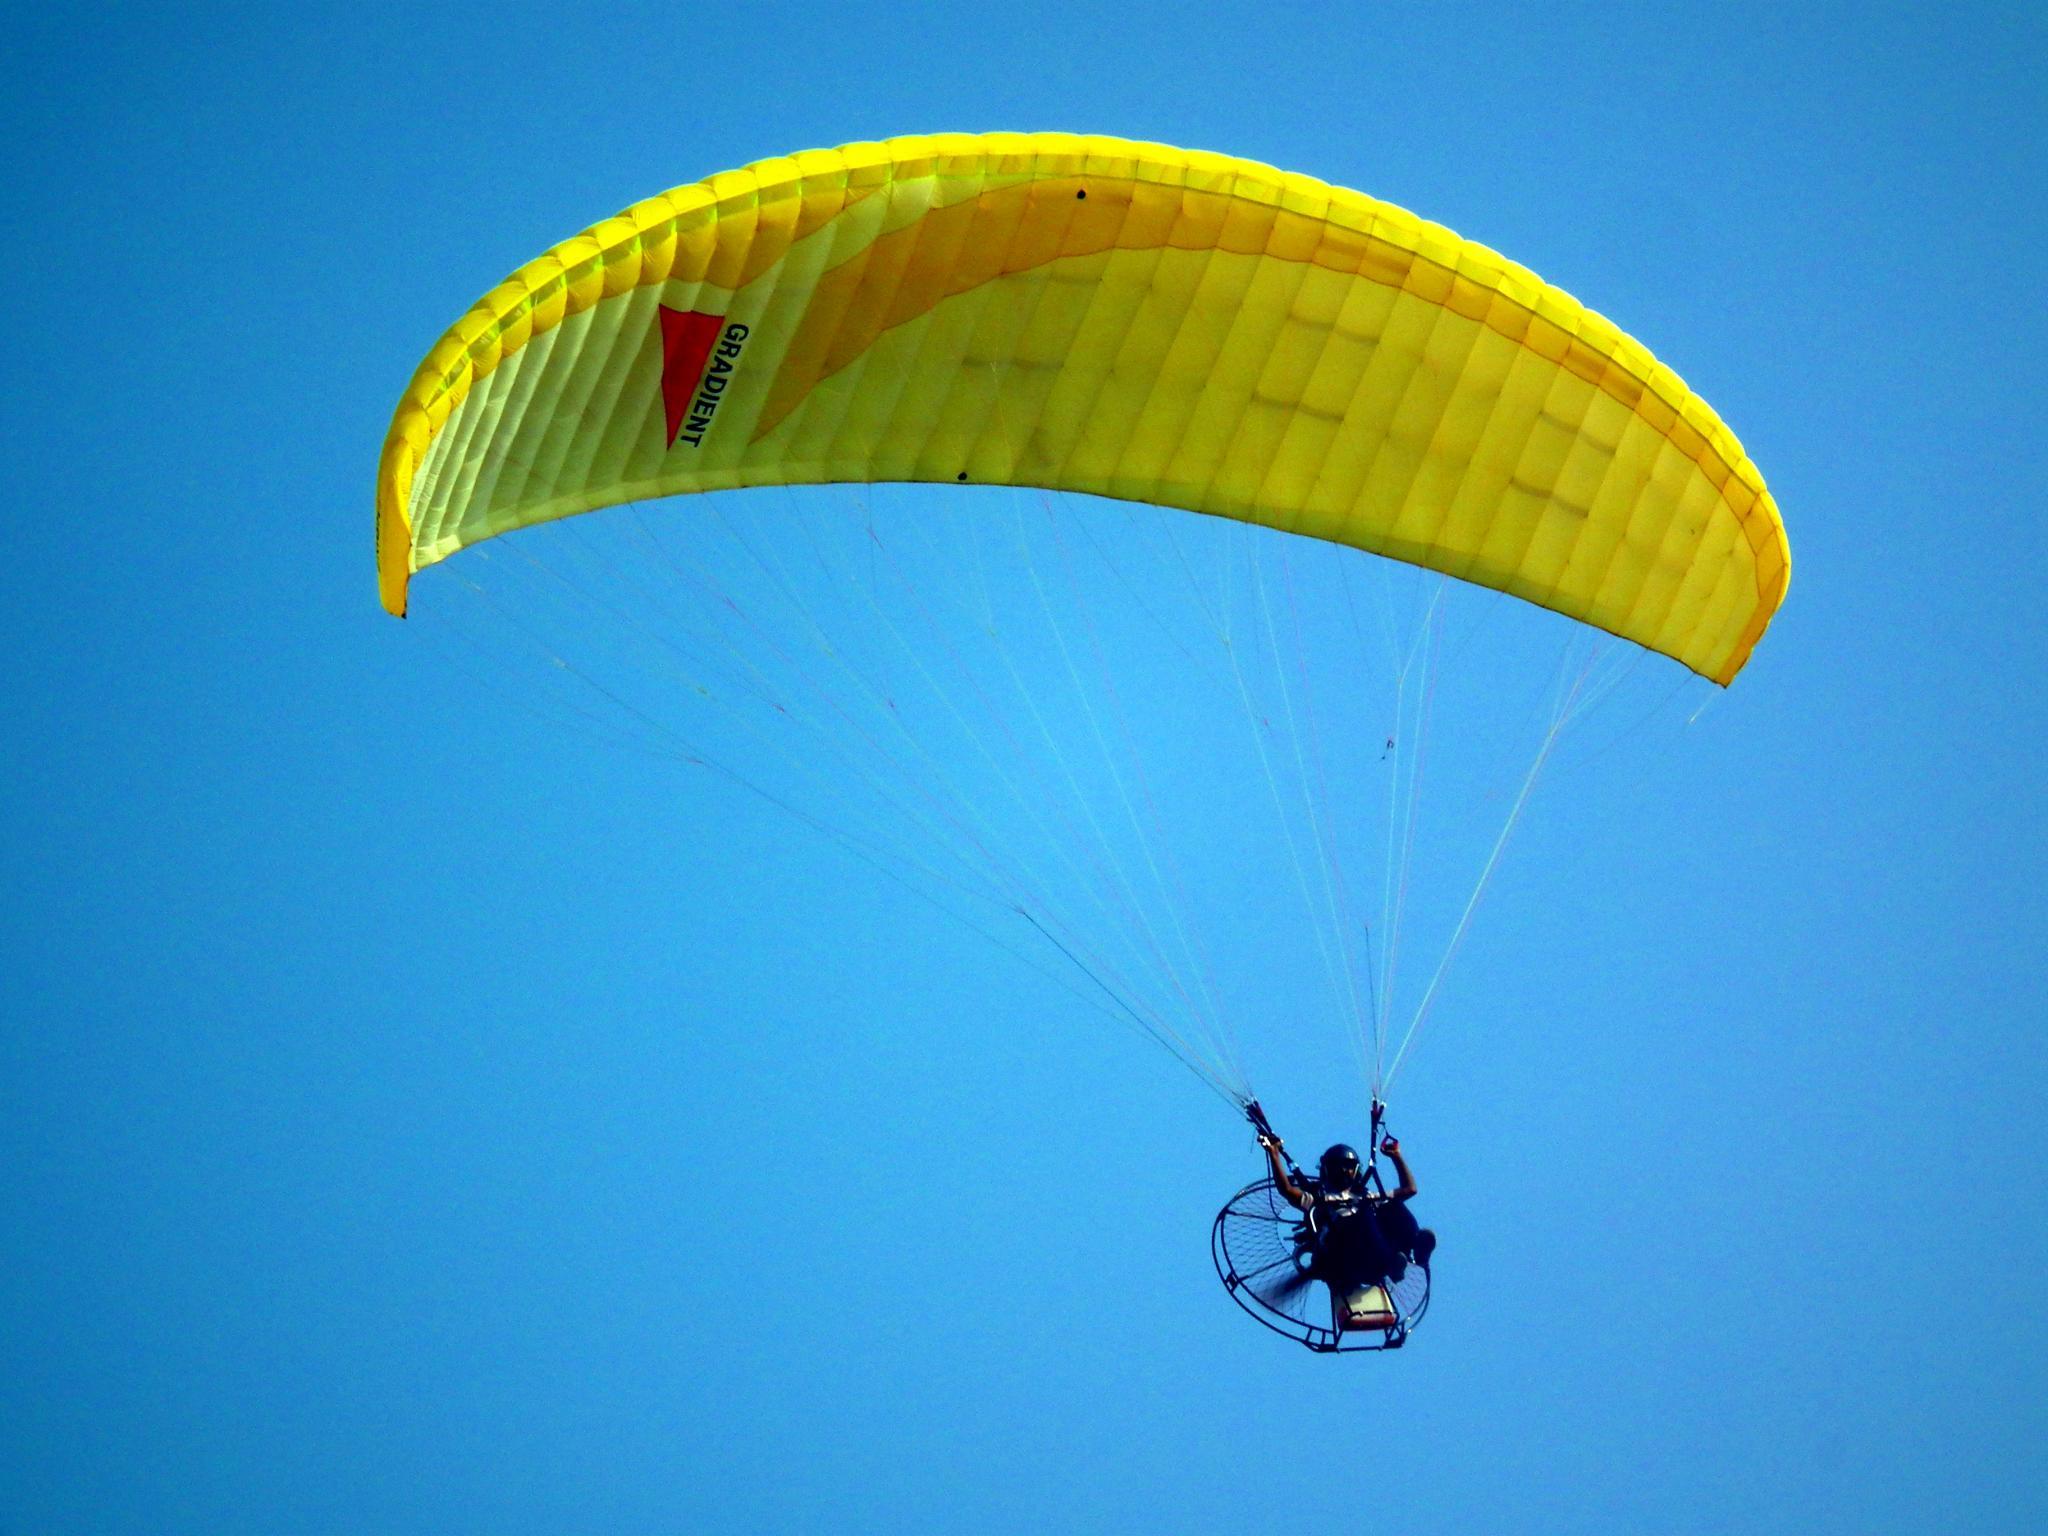 Hd wallpaper kerala - File Paraglider At Cherai Beach Kerala 1 Jpg Wikimedia